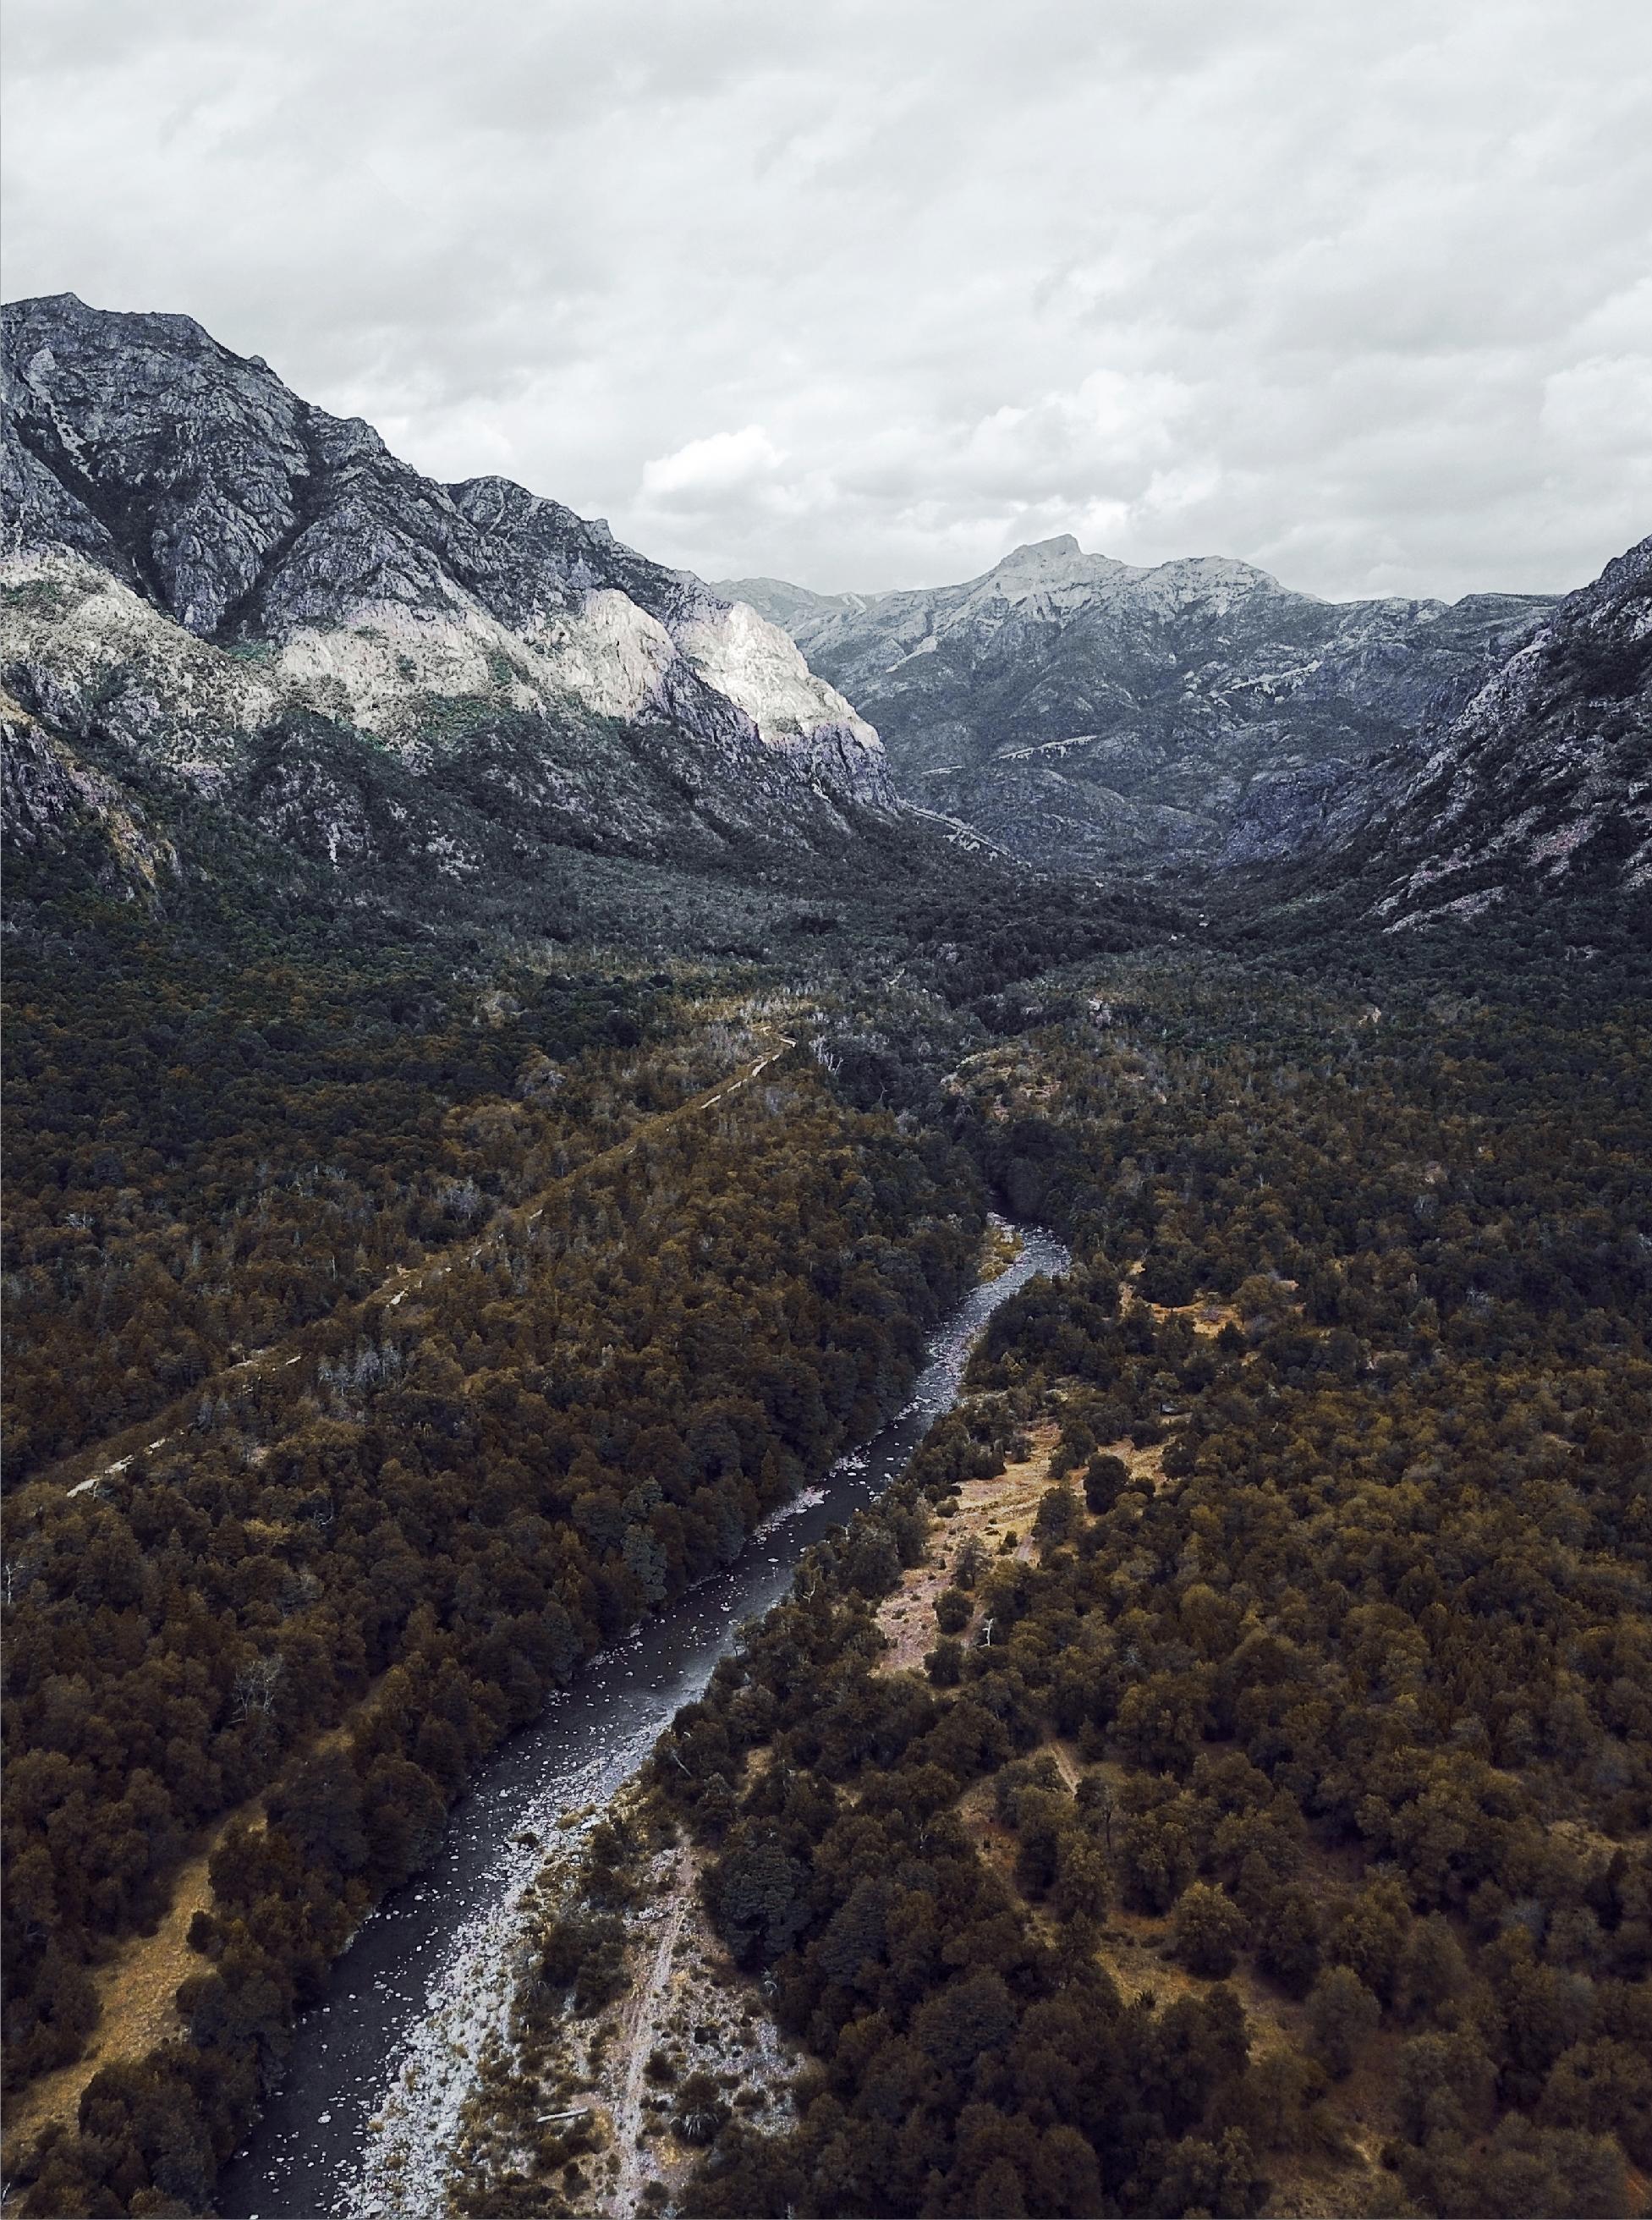 Diguillin Libre - Desde el 2017 siendo parte del movimiento Diguillin Libre es una organización ciudadana preocupada de la conservación de la cuenca del Río Diguillín. Este valle es parte de la Reserva Mundial de la Biósfera, declarado así por la UNESCO debido a su biodiversidad única en el mundo, la que incluye una frágil y pequeña población de Huemules, una de las especies más amenazadas de nuestro país.-